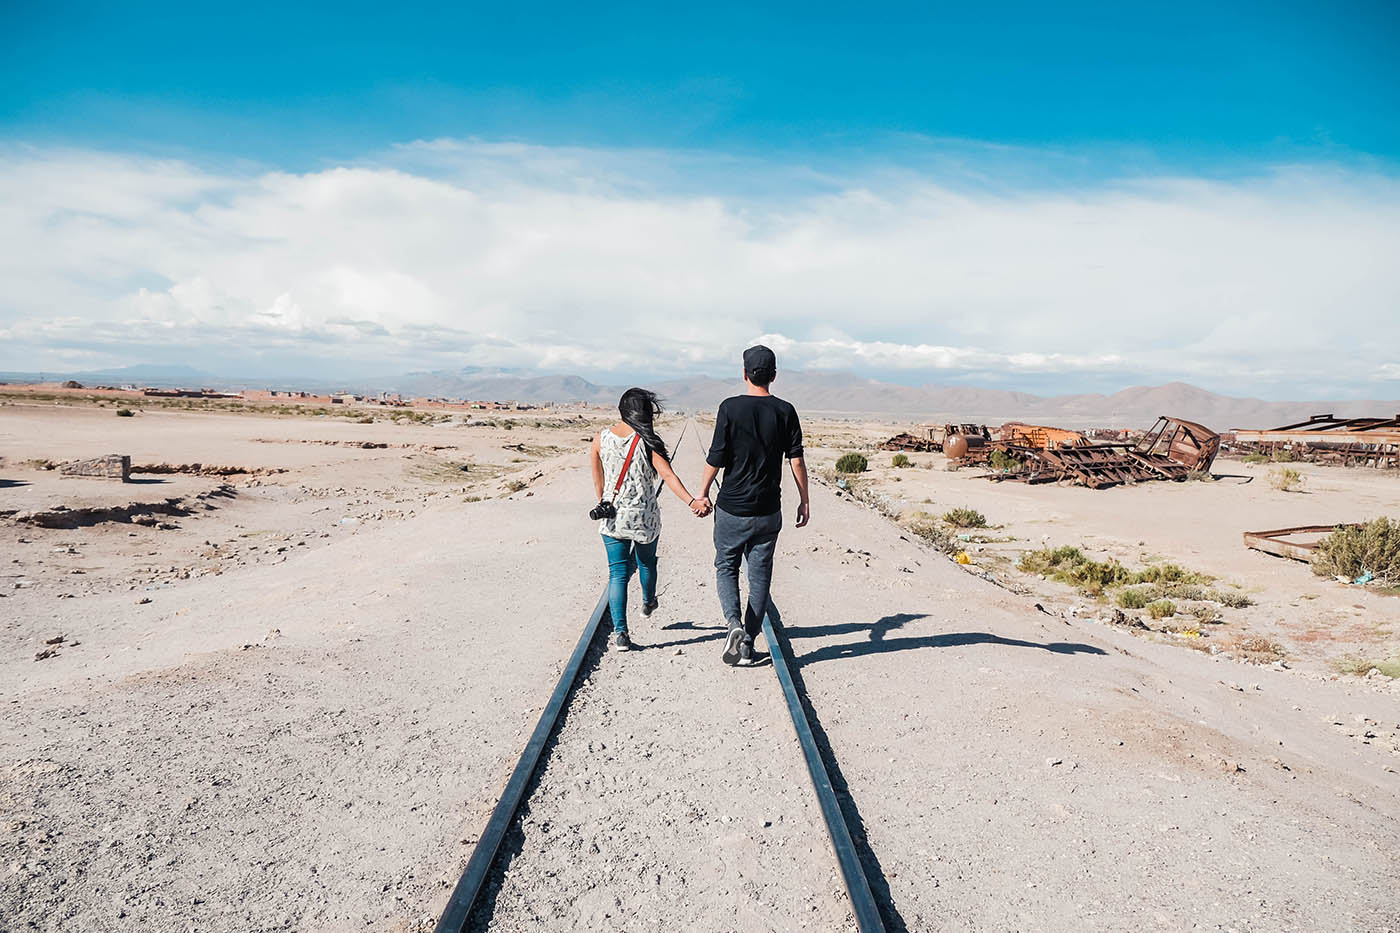 ボリビアのウユニ塩湖前の廃列車広場